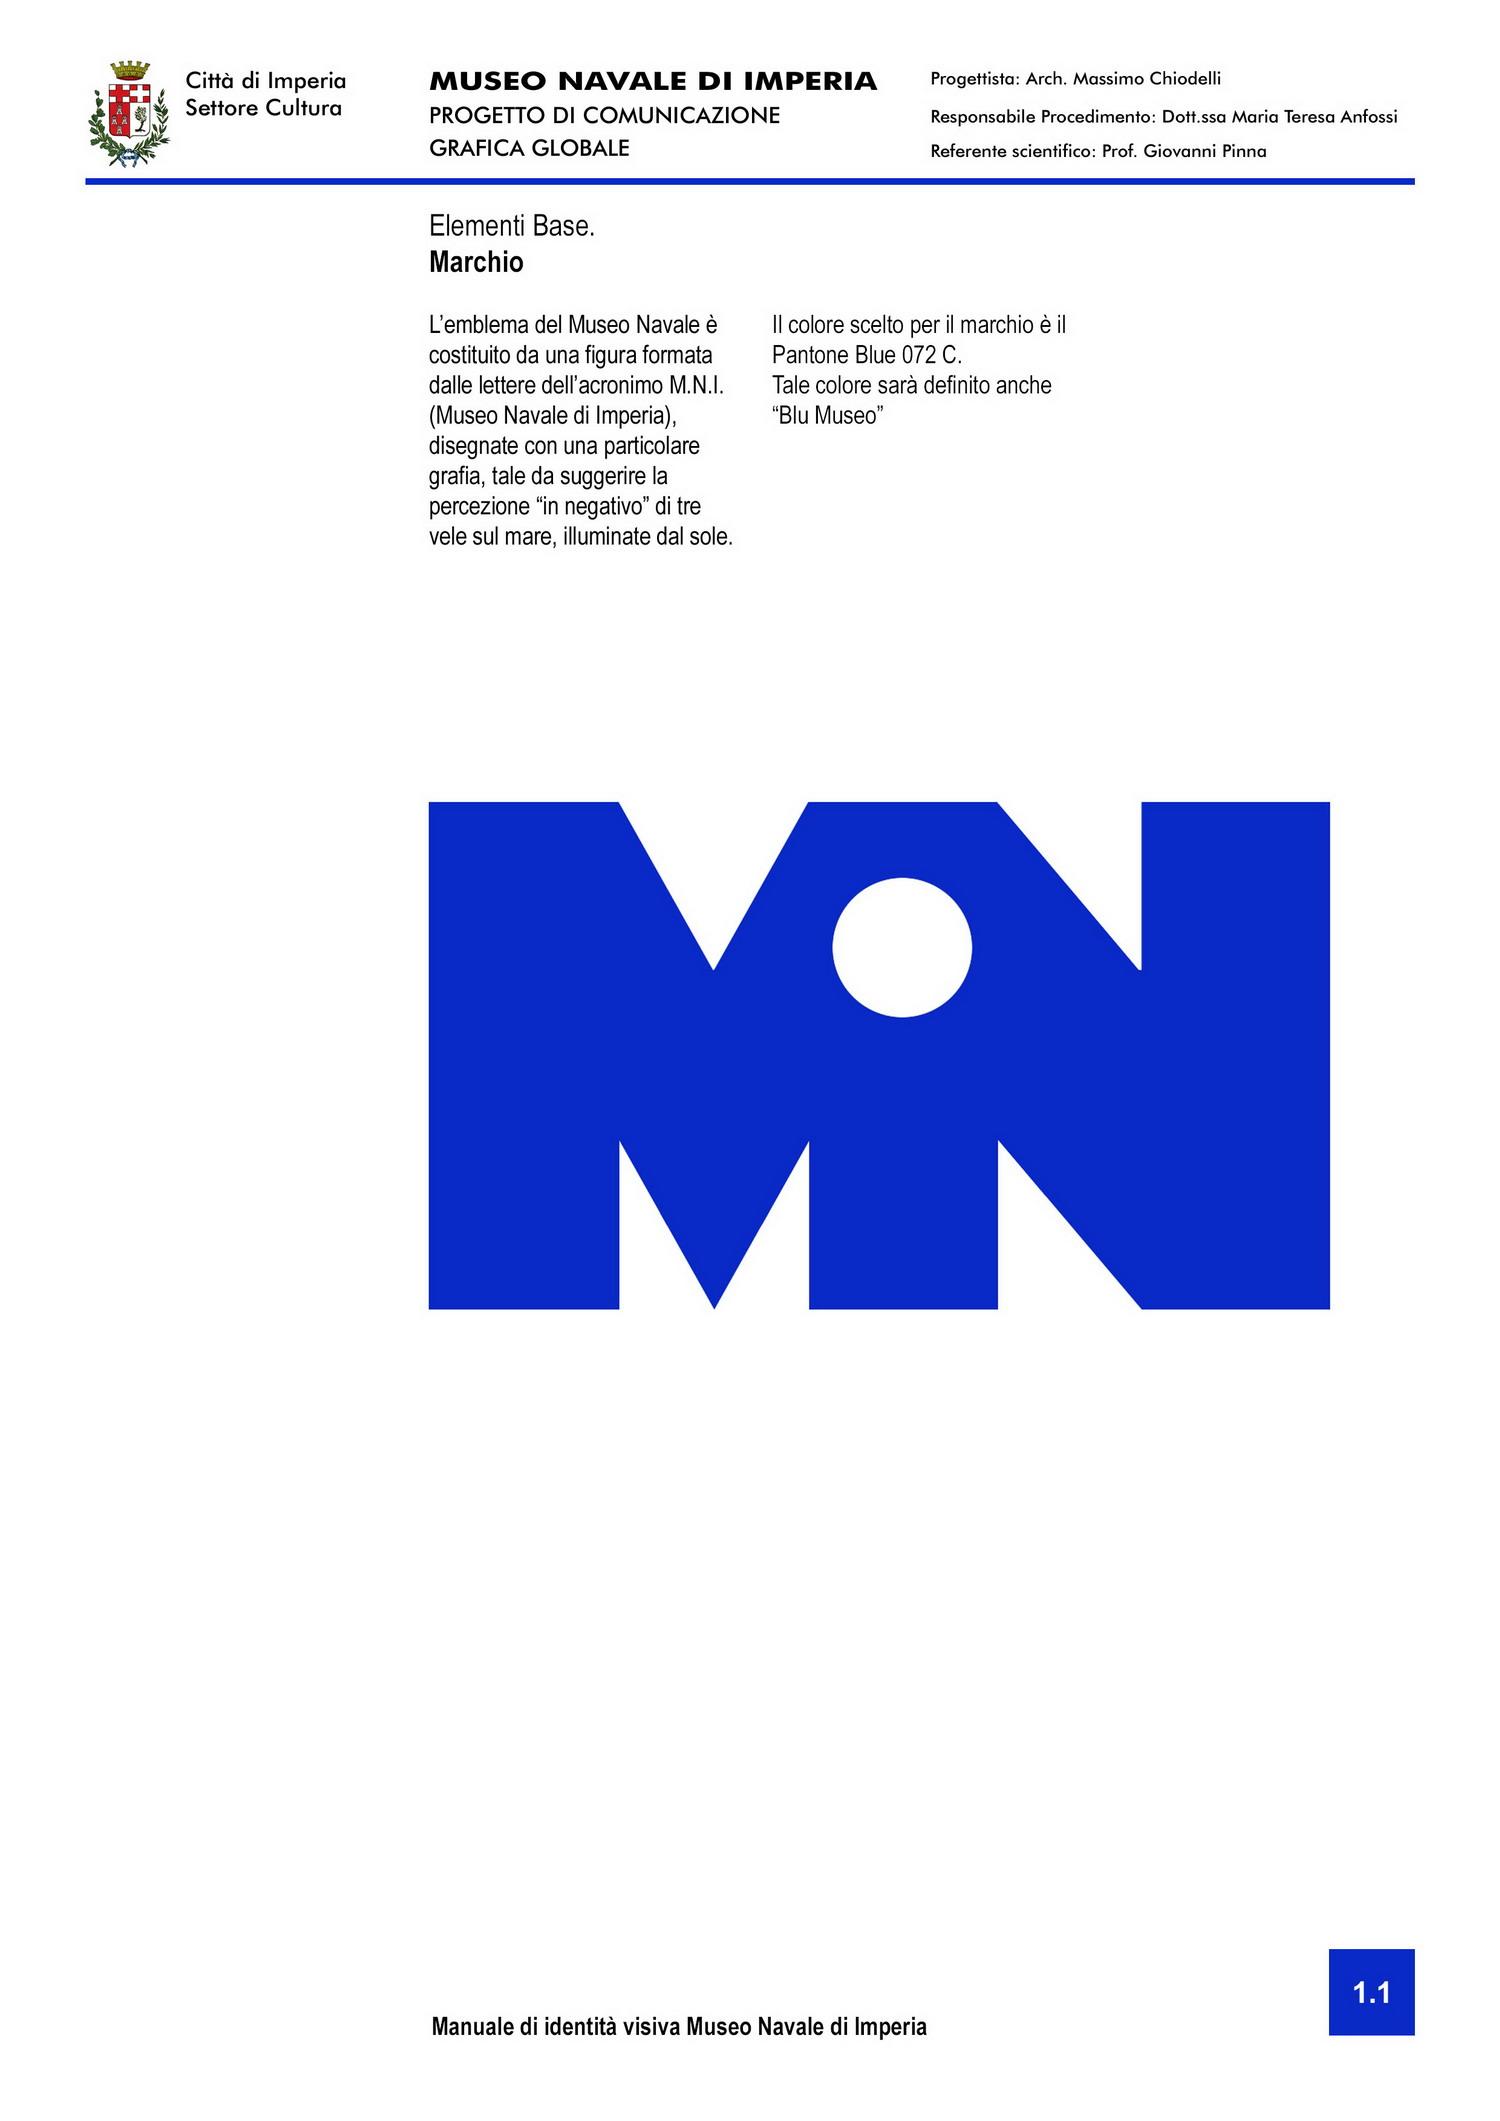 Museo Navale di Imperia - studio del marchio